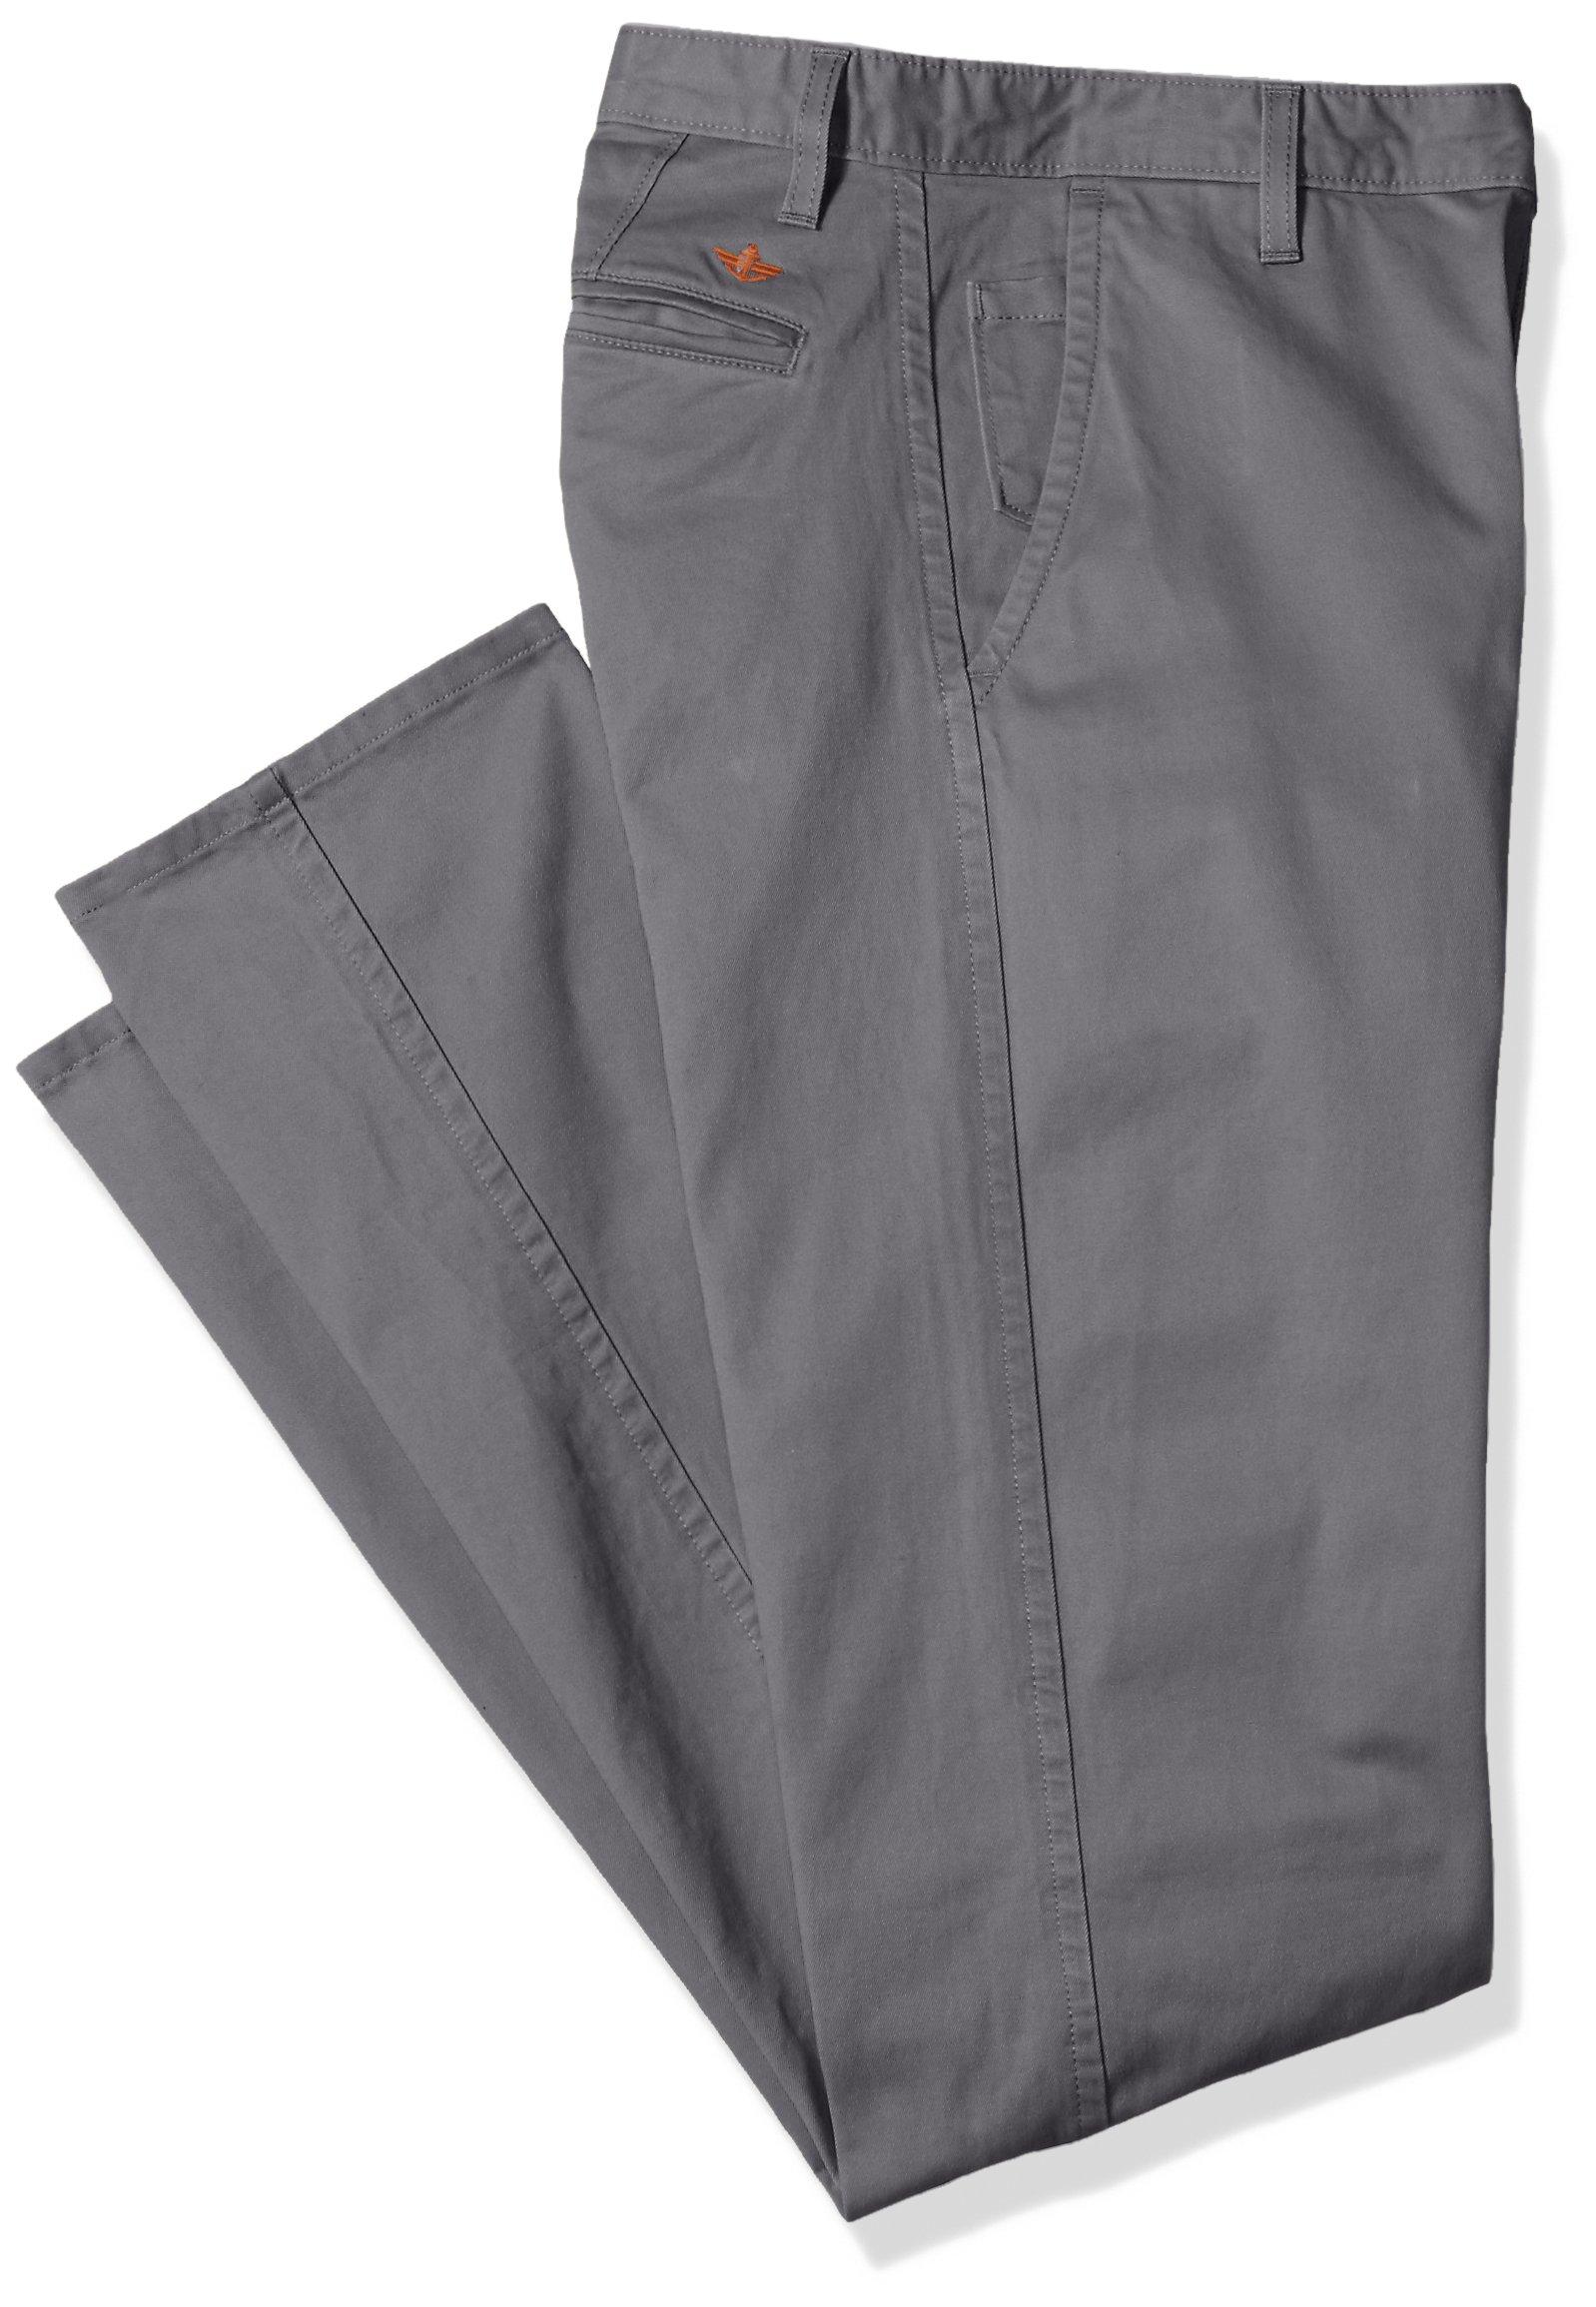 Dockers Men's Big and Tall Modern Tapered Fit Alpha Khaki Pants, Burma Grey (Stretch), 44W x 30L